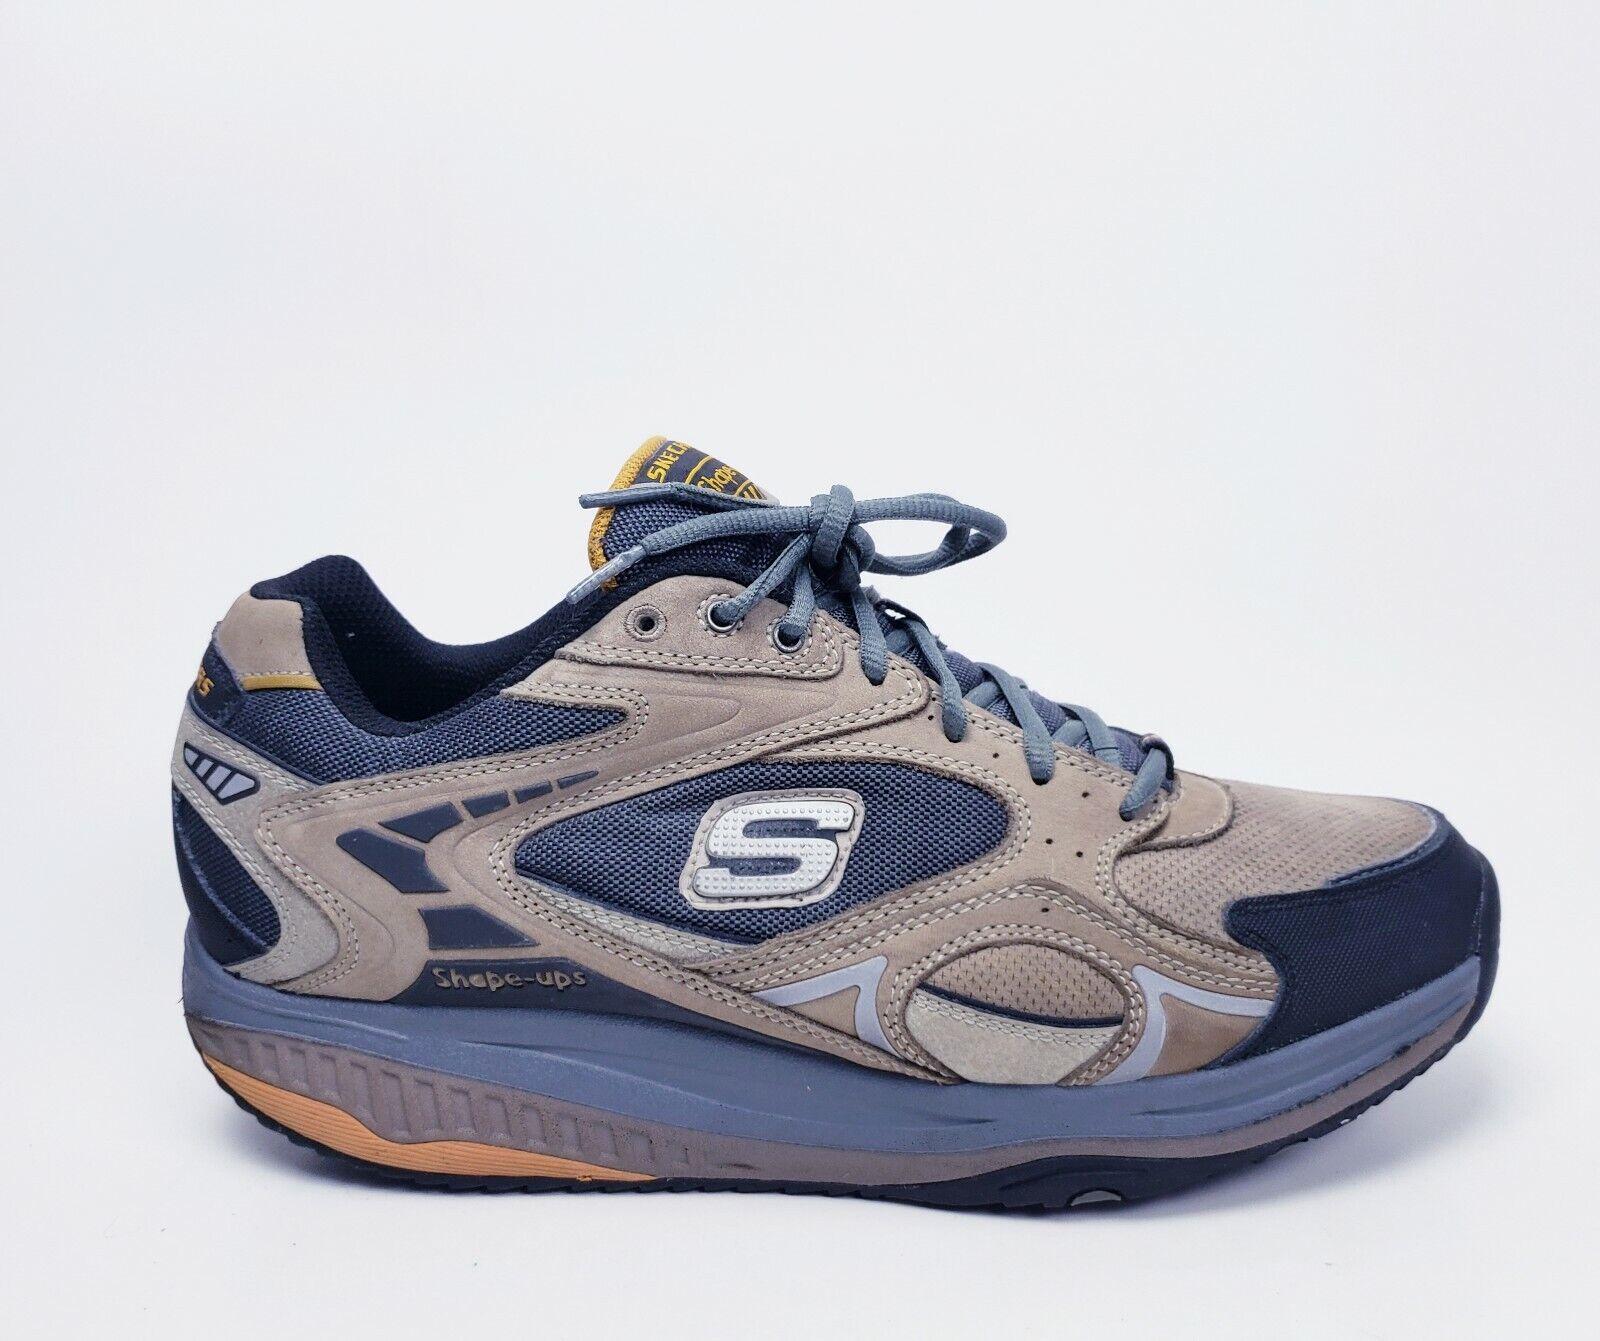 7a7b79e9bba Skechers Shape-Ups XT Rendition 52007 Cuero Cordones Para Caminar Zapatos  trabajo 11.5 de Con nwbbpk1891-zapatos nuevos